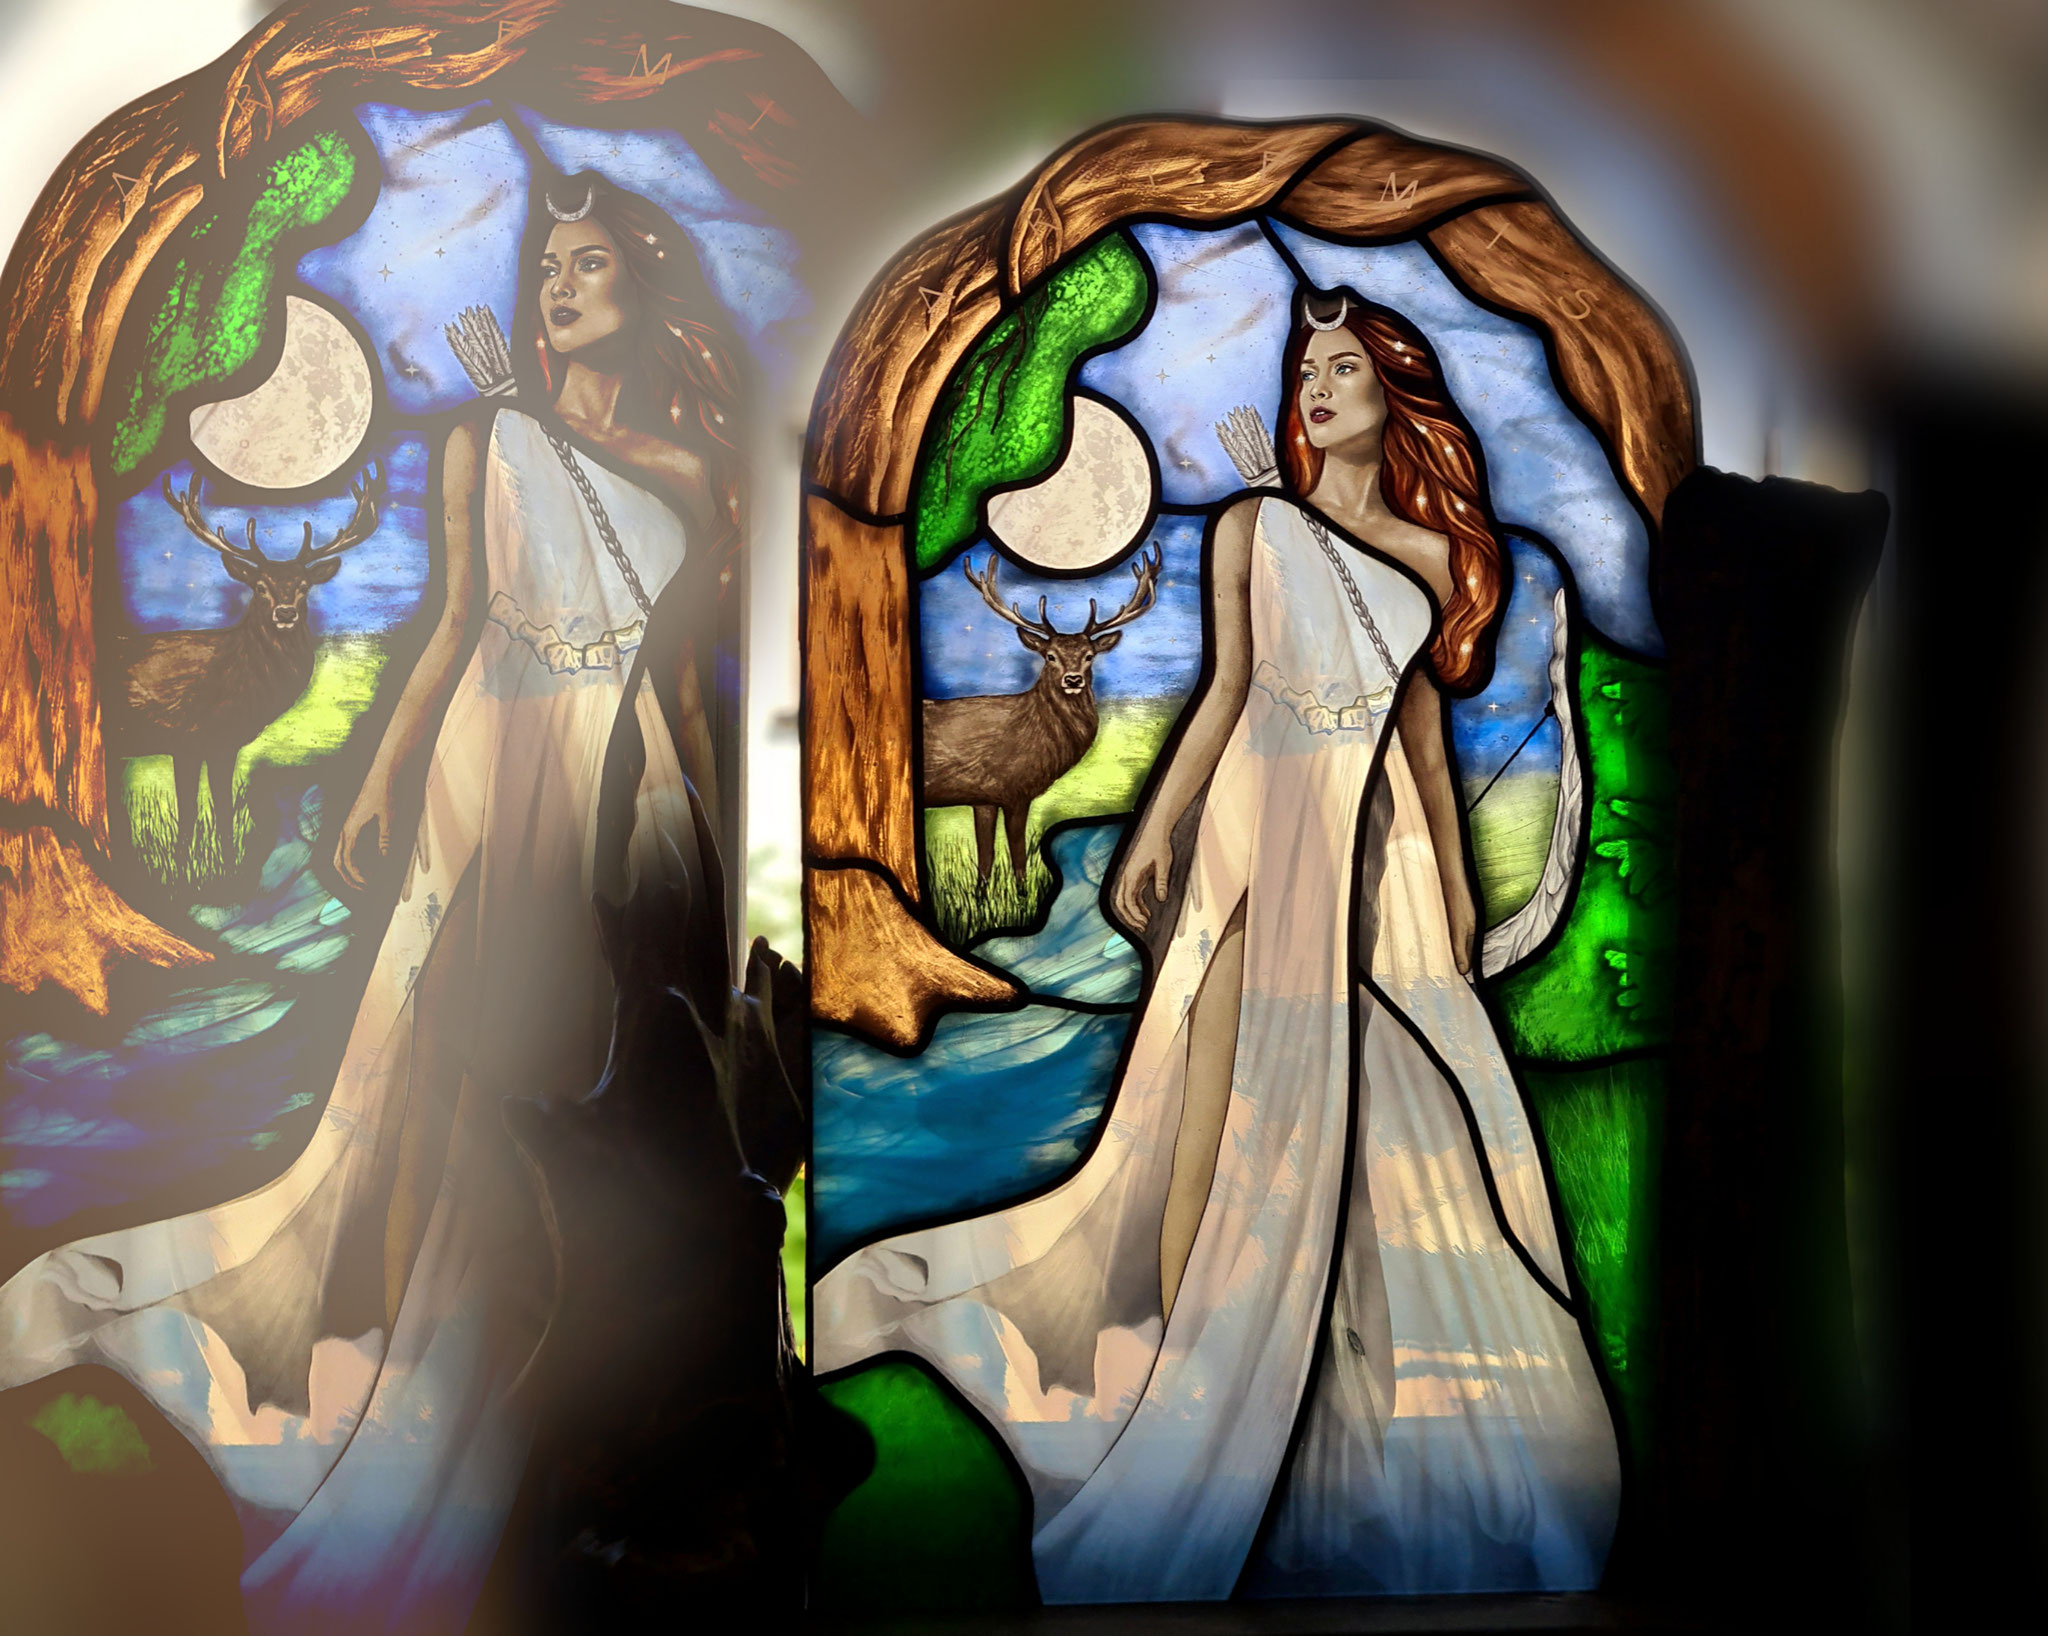 Göttin Artemis